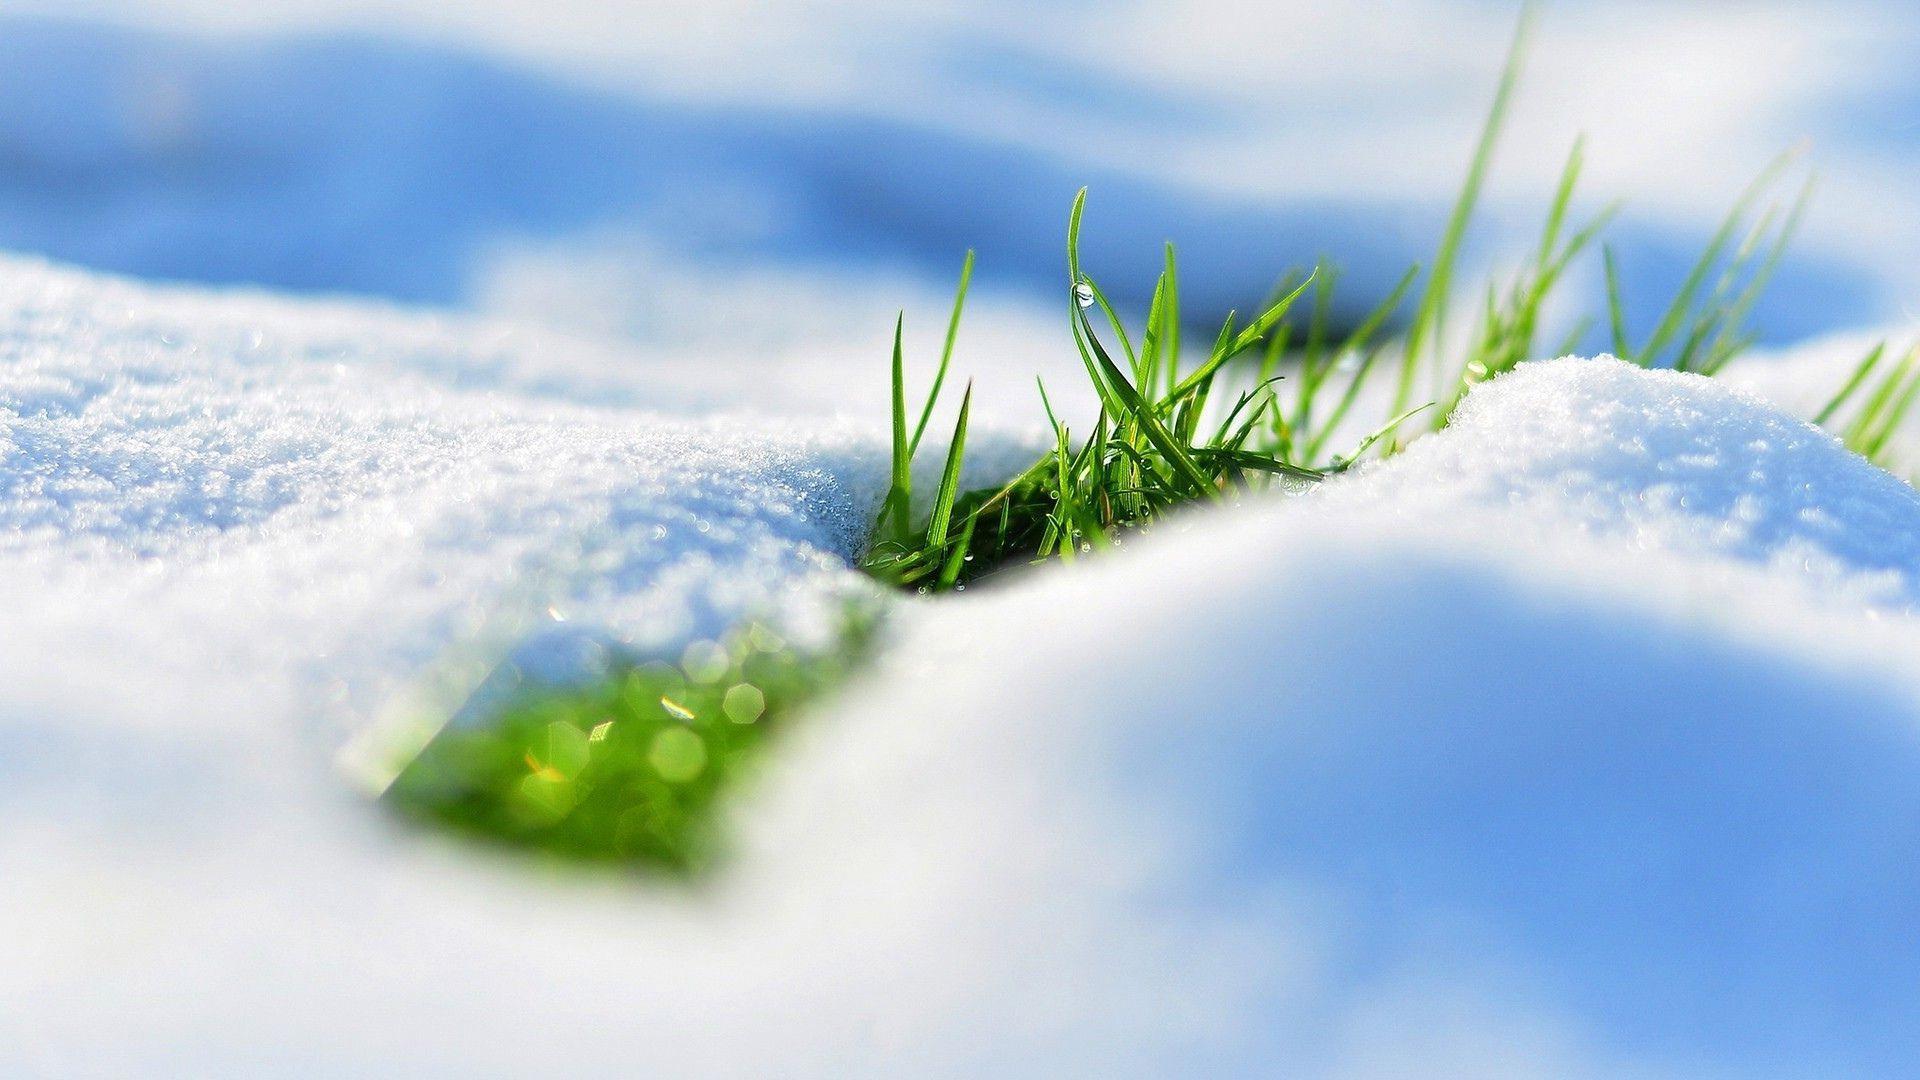 снег трава весна